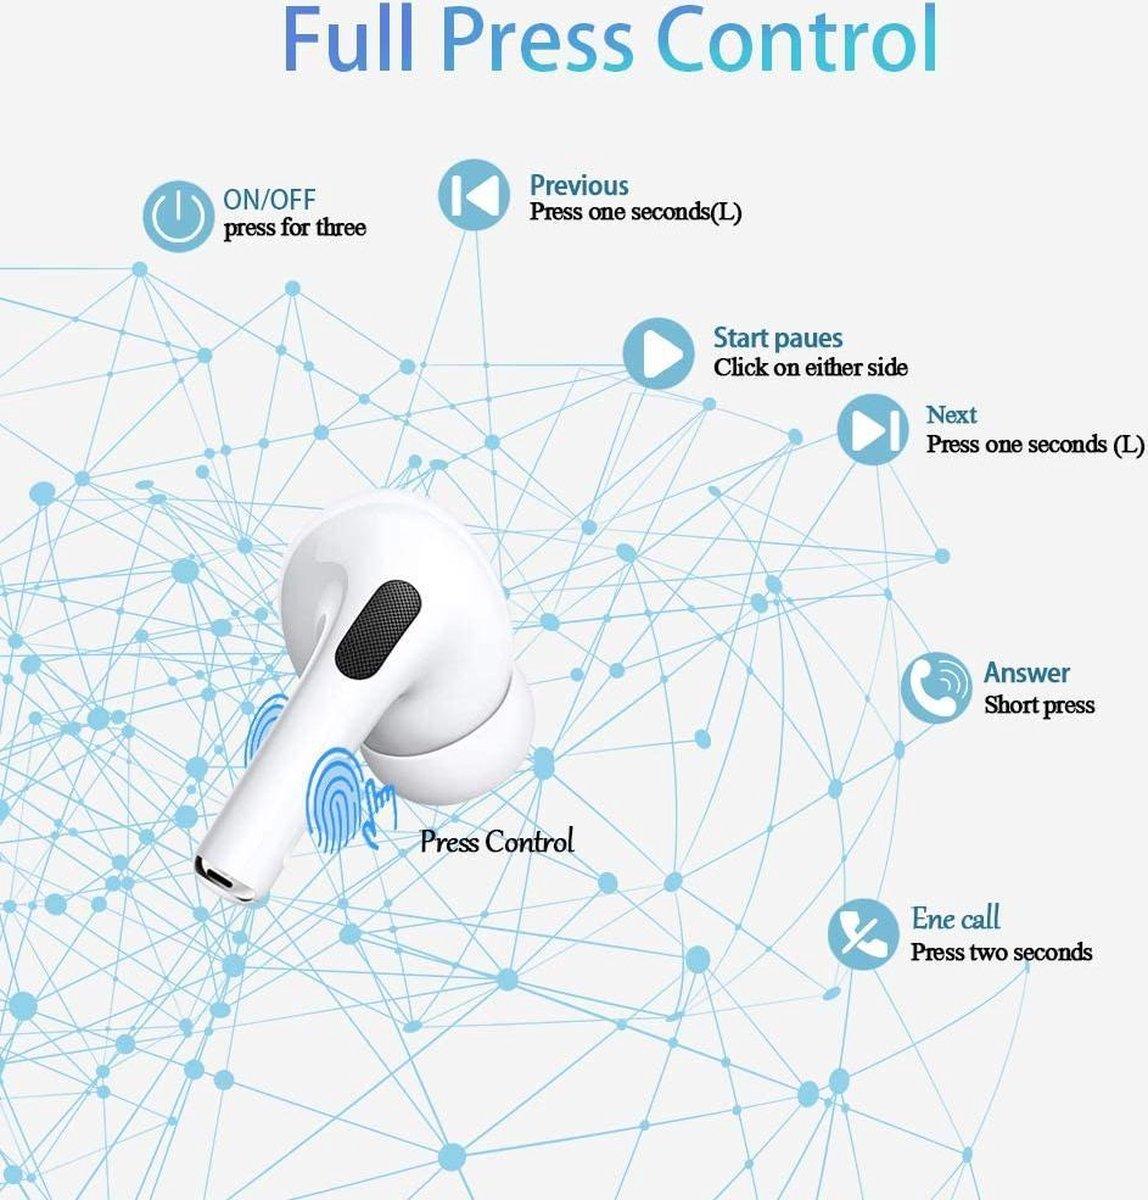 Airpods Pro Alternatief - Happy pods - High Quality 1562A - Wit - Air 3 pro Draadlose oordopjes - Bluetooth 5.0 - Geschikt voor Apple iPhone en Android smartphones -